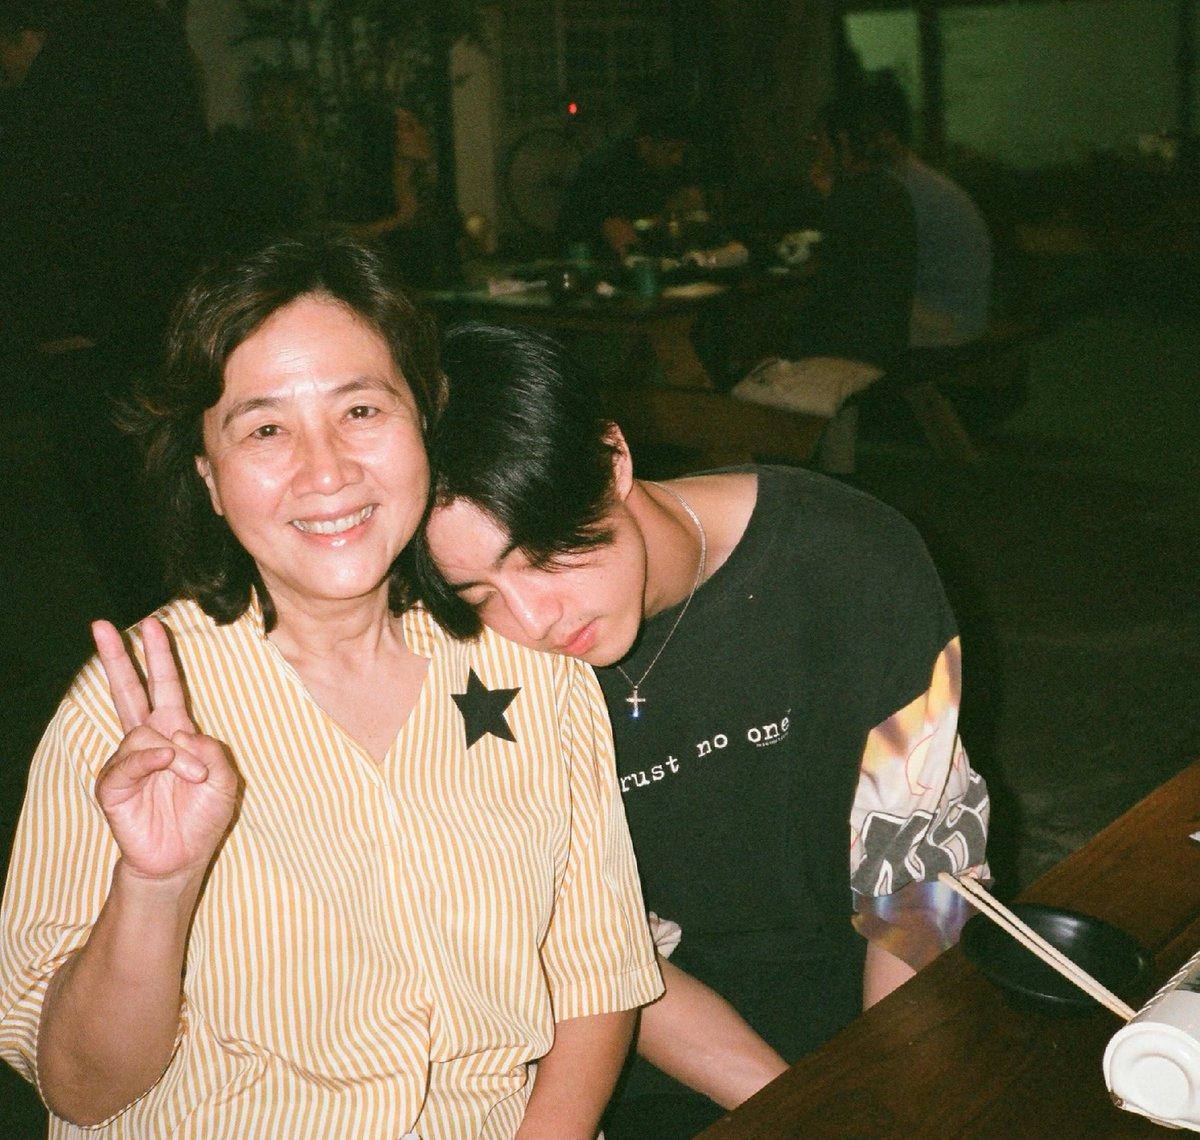 @marktuan's photo on Joanna